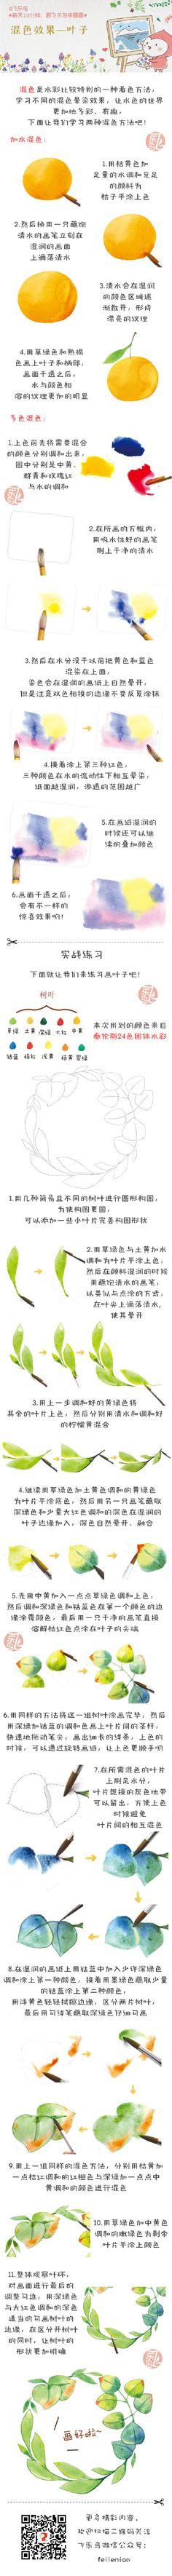 飛樂鳥的微博 (第15頁) - 微博台灣站